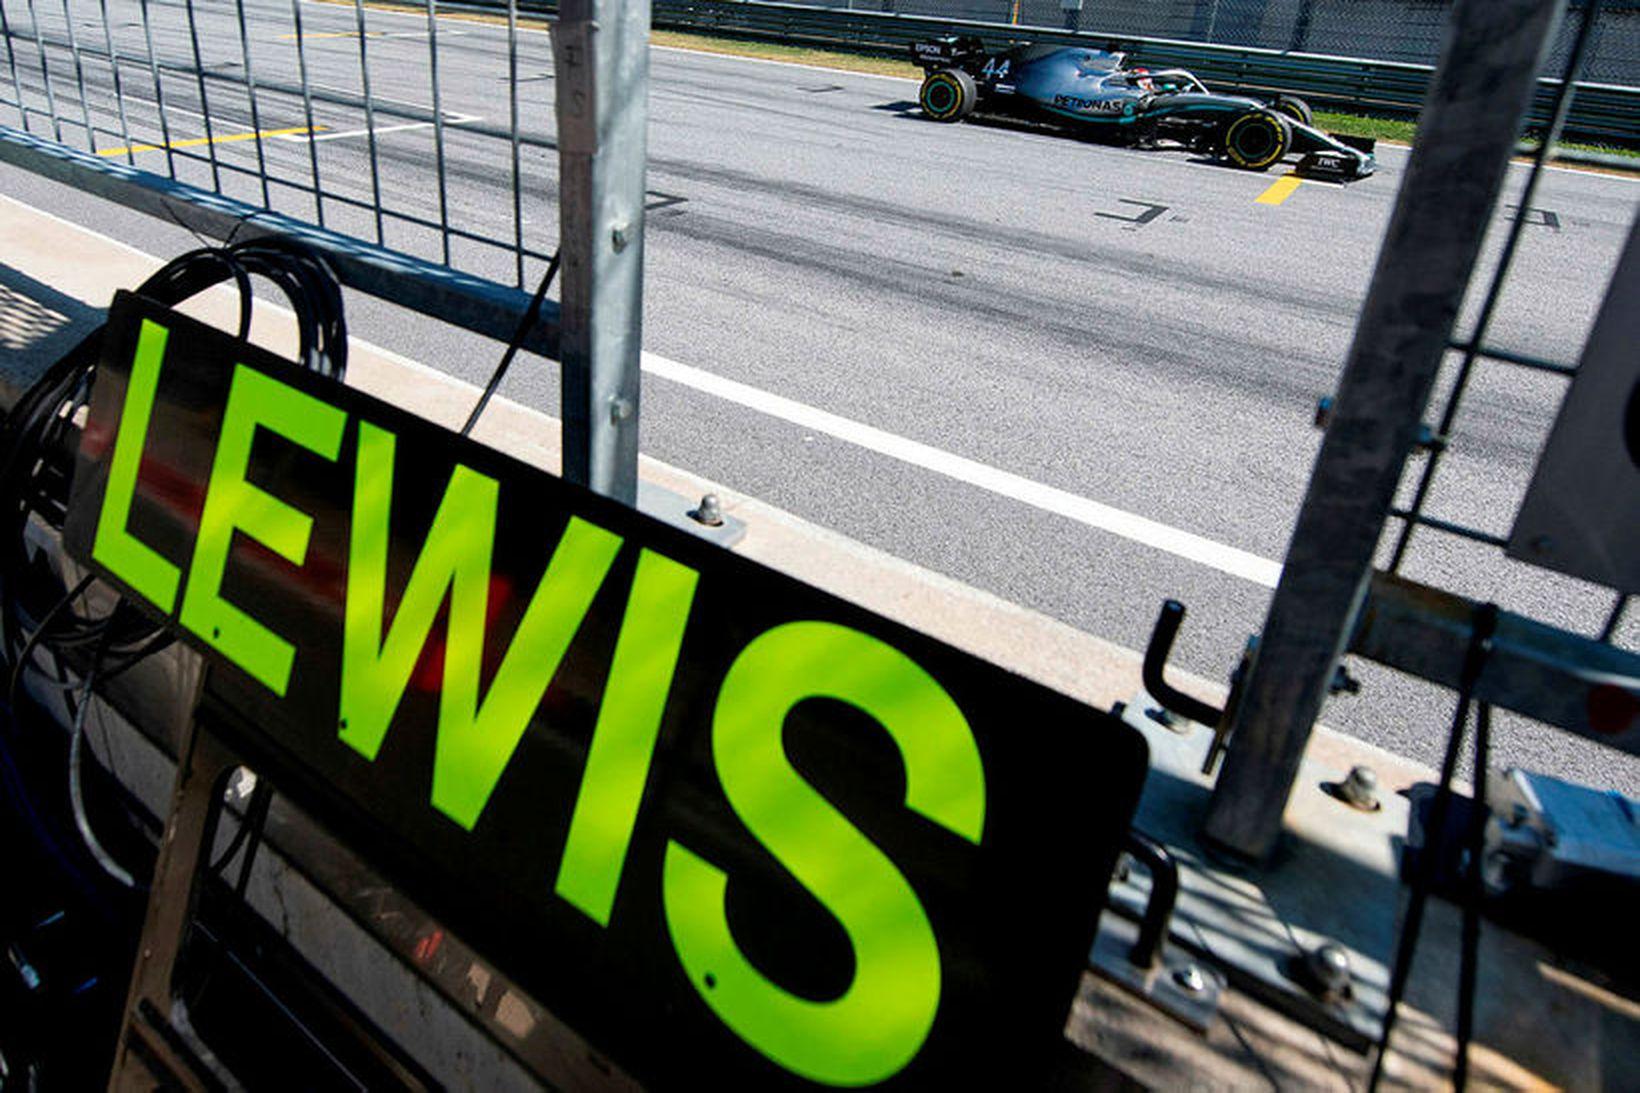 Lewis Hamilton ekur framhjá stjórnpalli Mercedes í tímatökunni í Spielberg.